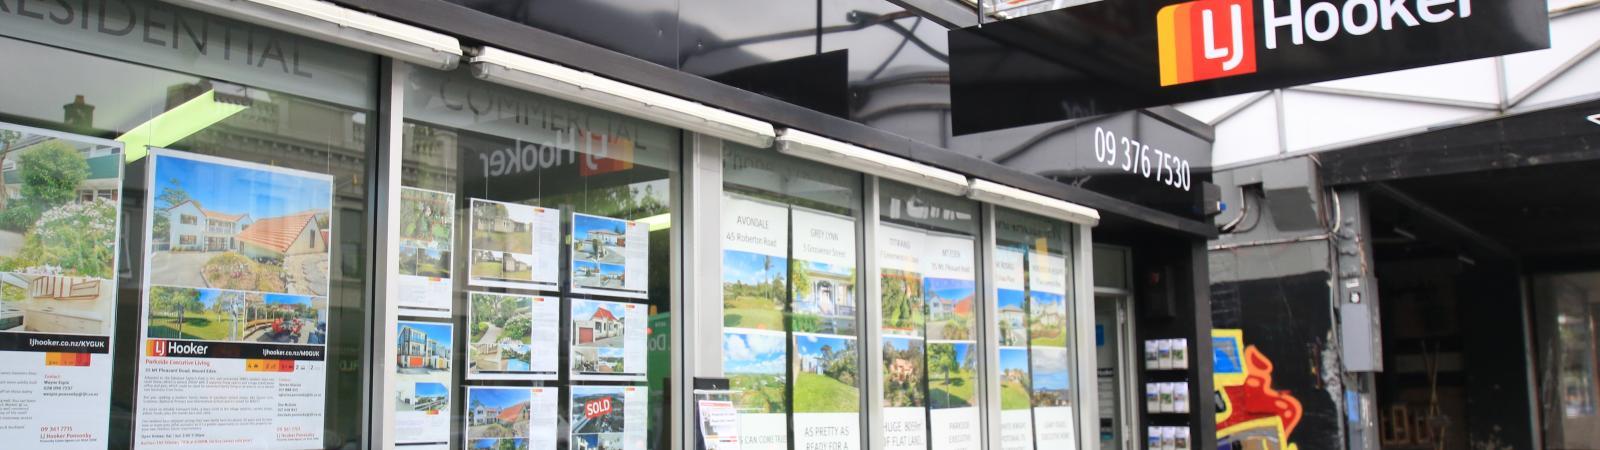 LJ Hooker Ponsonby office street view image